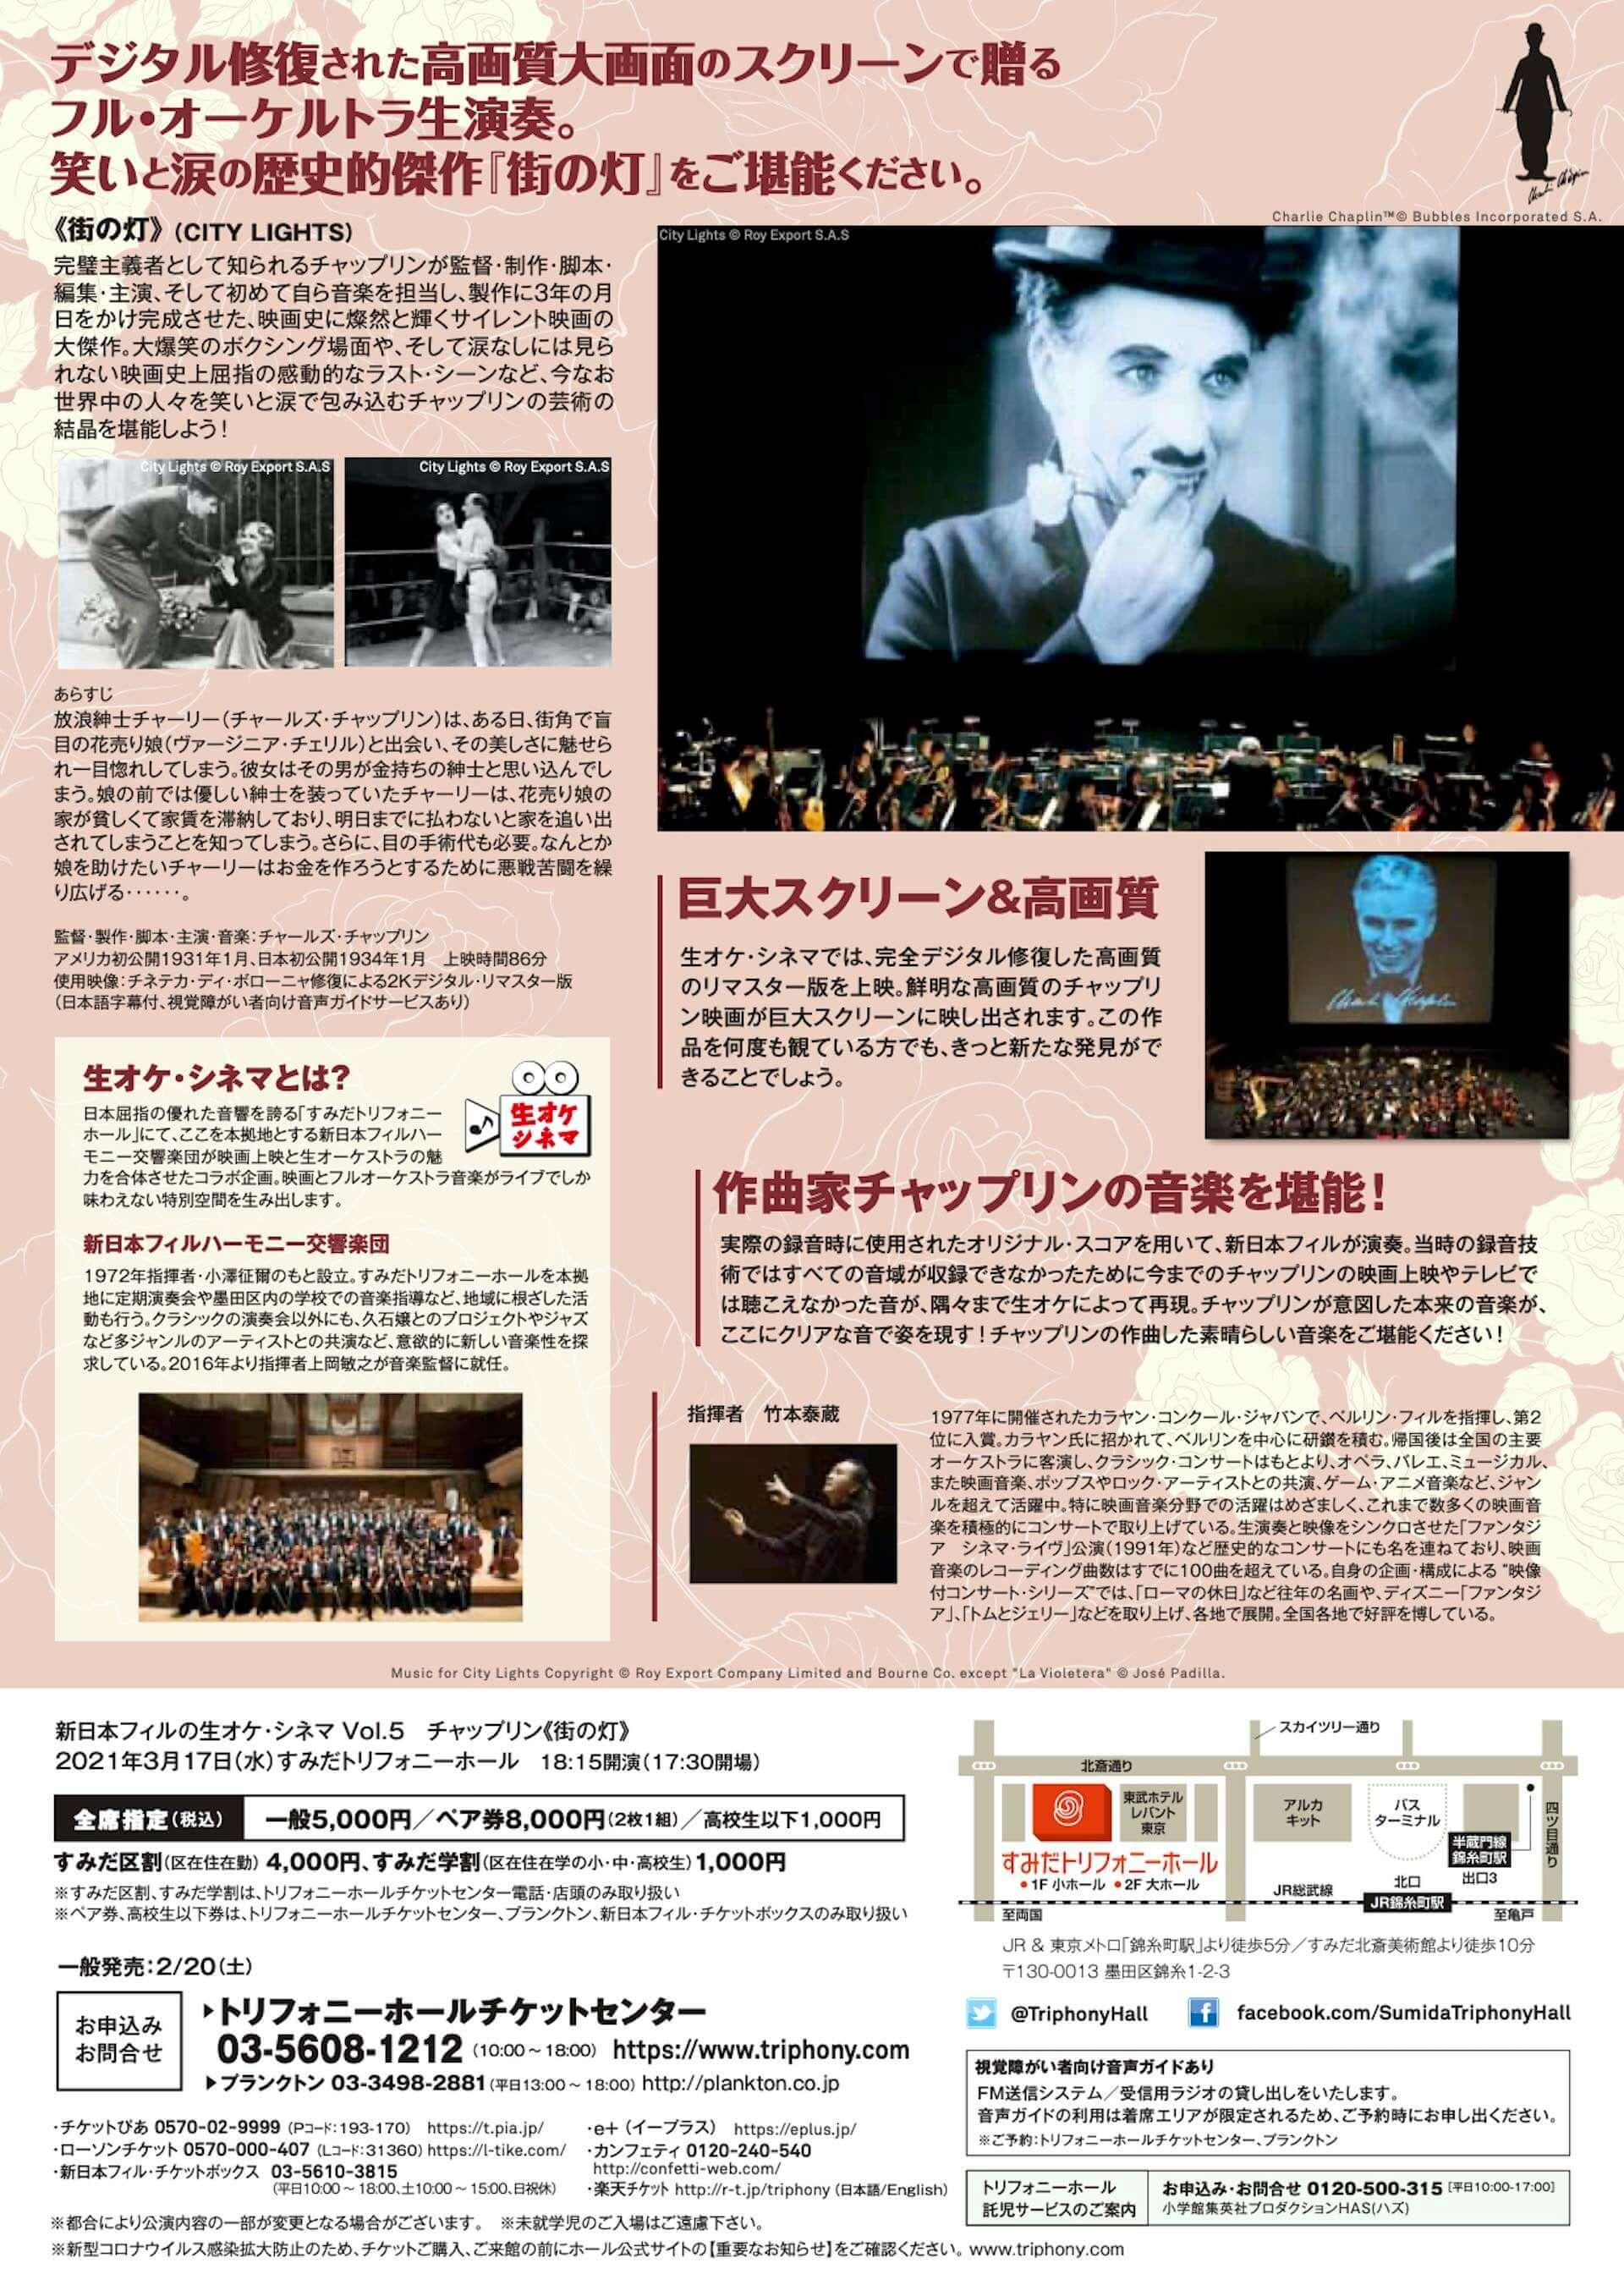 チャップリン最高傑作との呼び声高い映画『街の灯』が<生オケ・シネマ>にて上映決定!新日本フィルがオリジナルスコアを演奏 film210224_chaplin_1-1920x2714